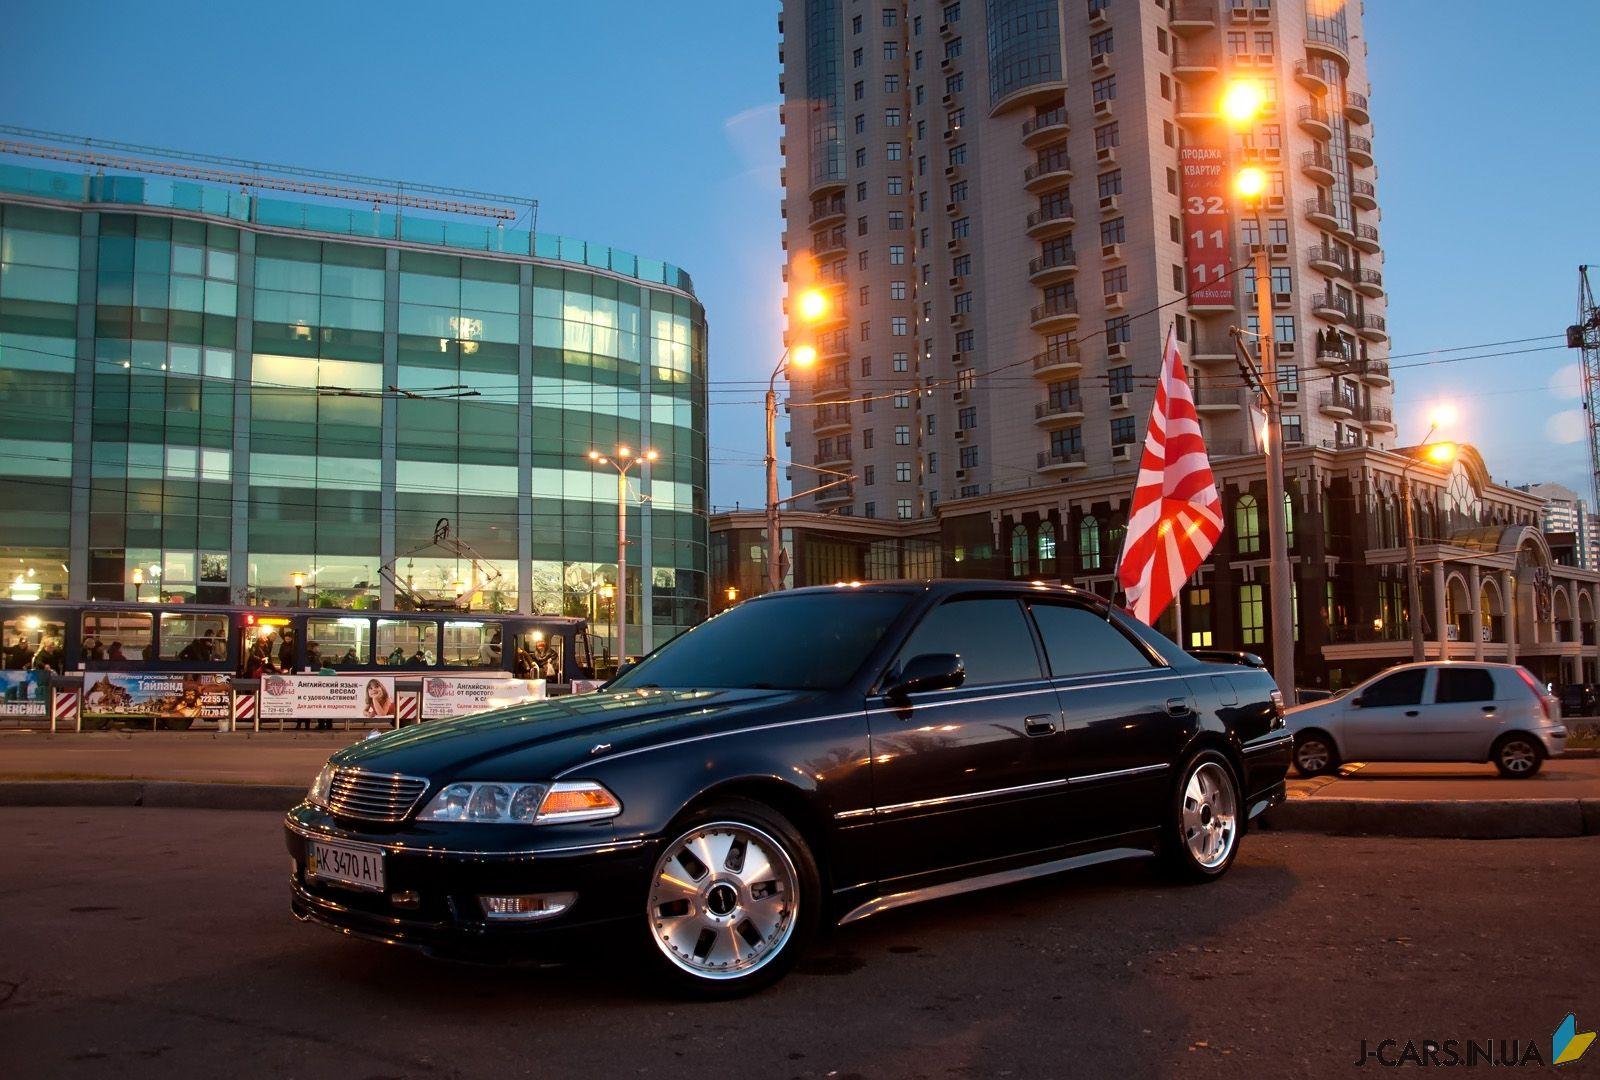 j-cars.in.ua toyota markii 2011